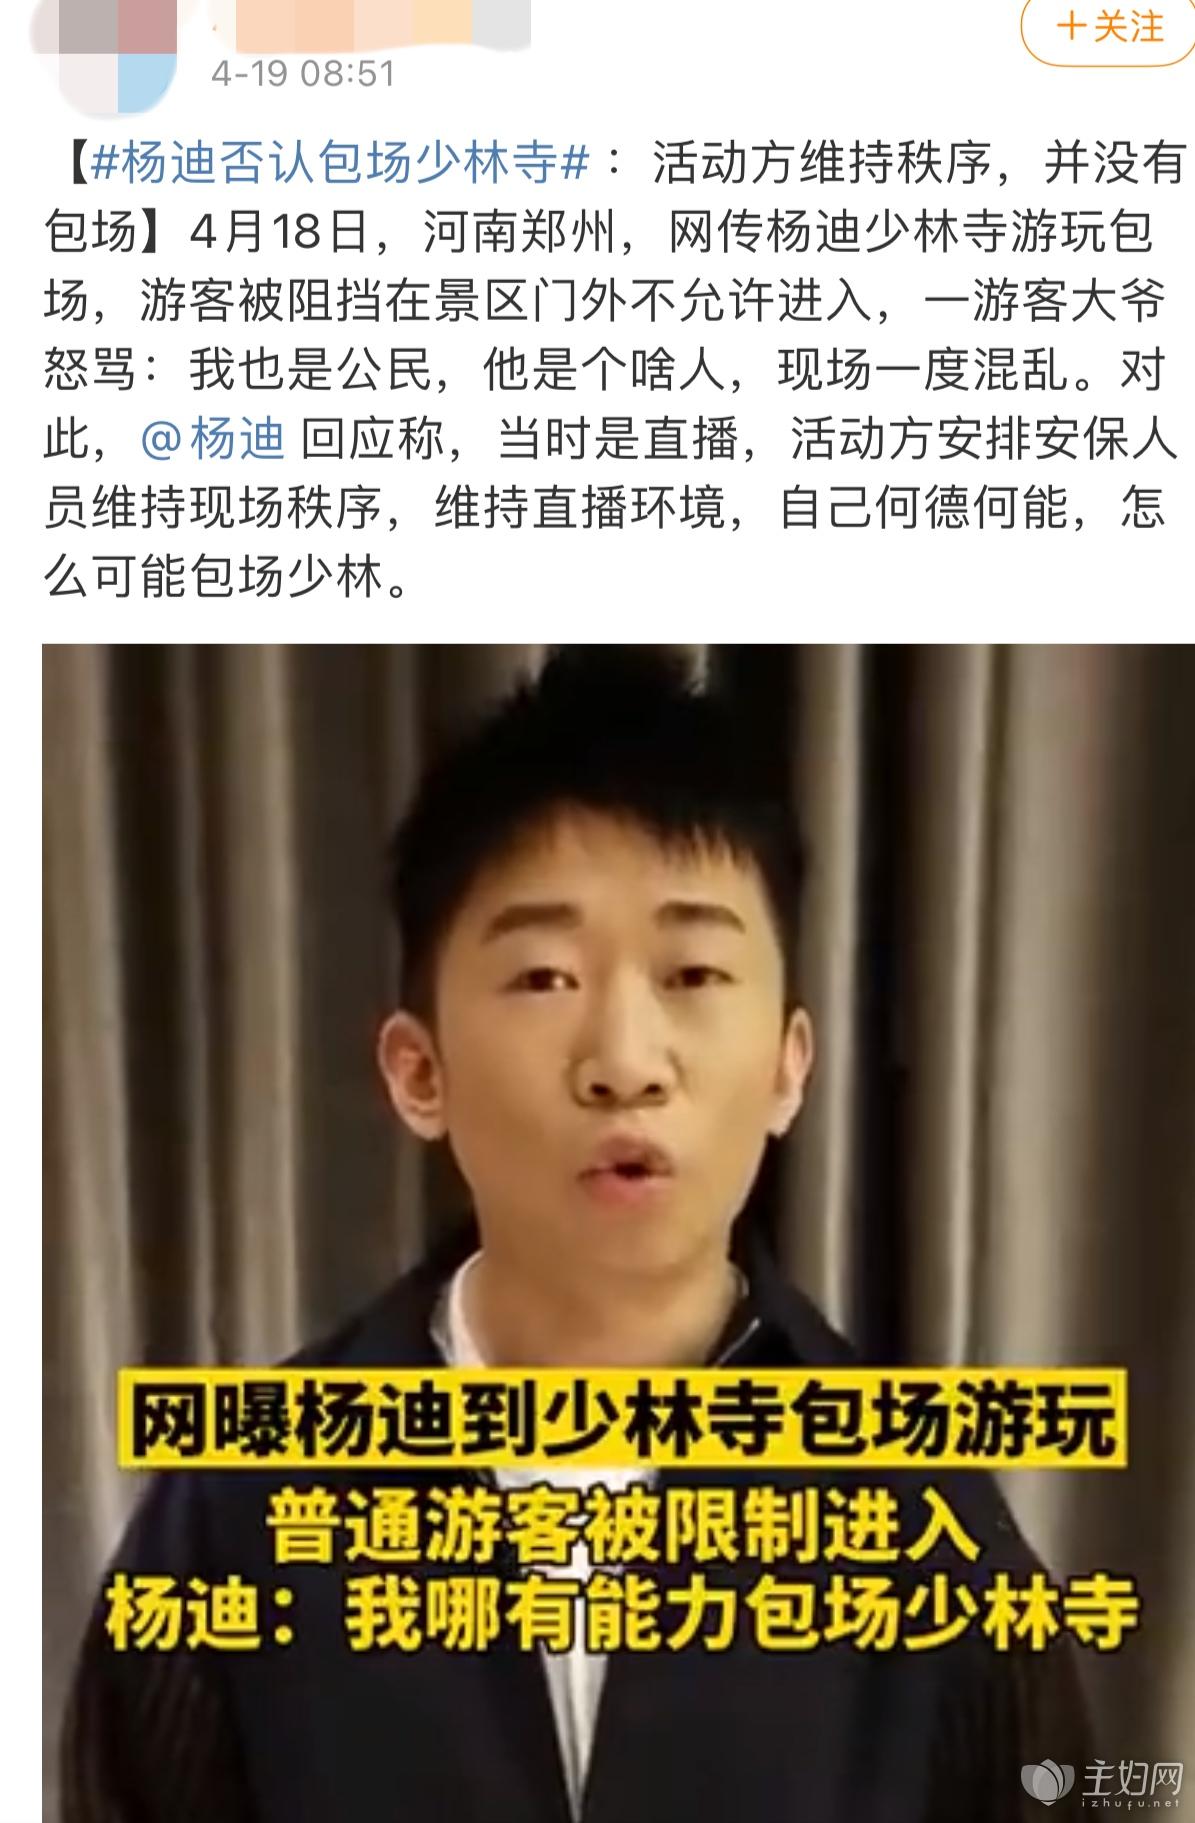 遭路人狂怼,杨迪被曝游玩少林寺包场,本人正式回应